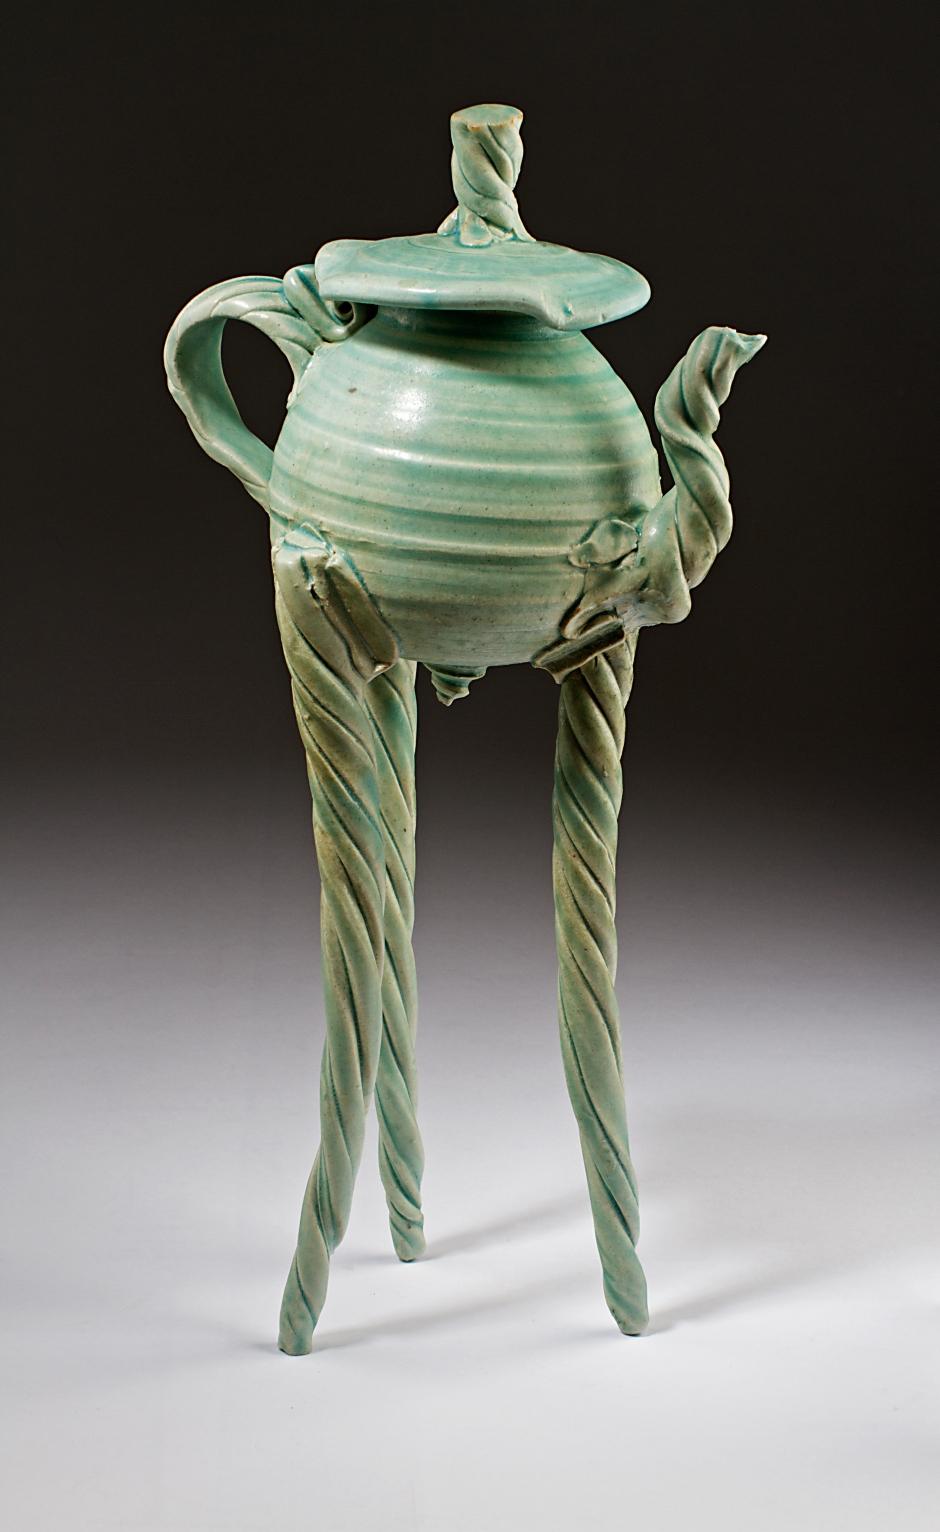 Teapot by Wayne Cardinalli